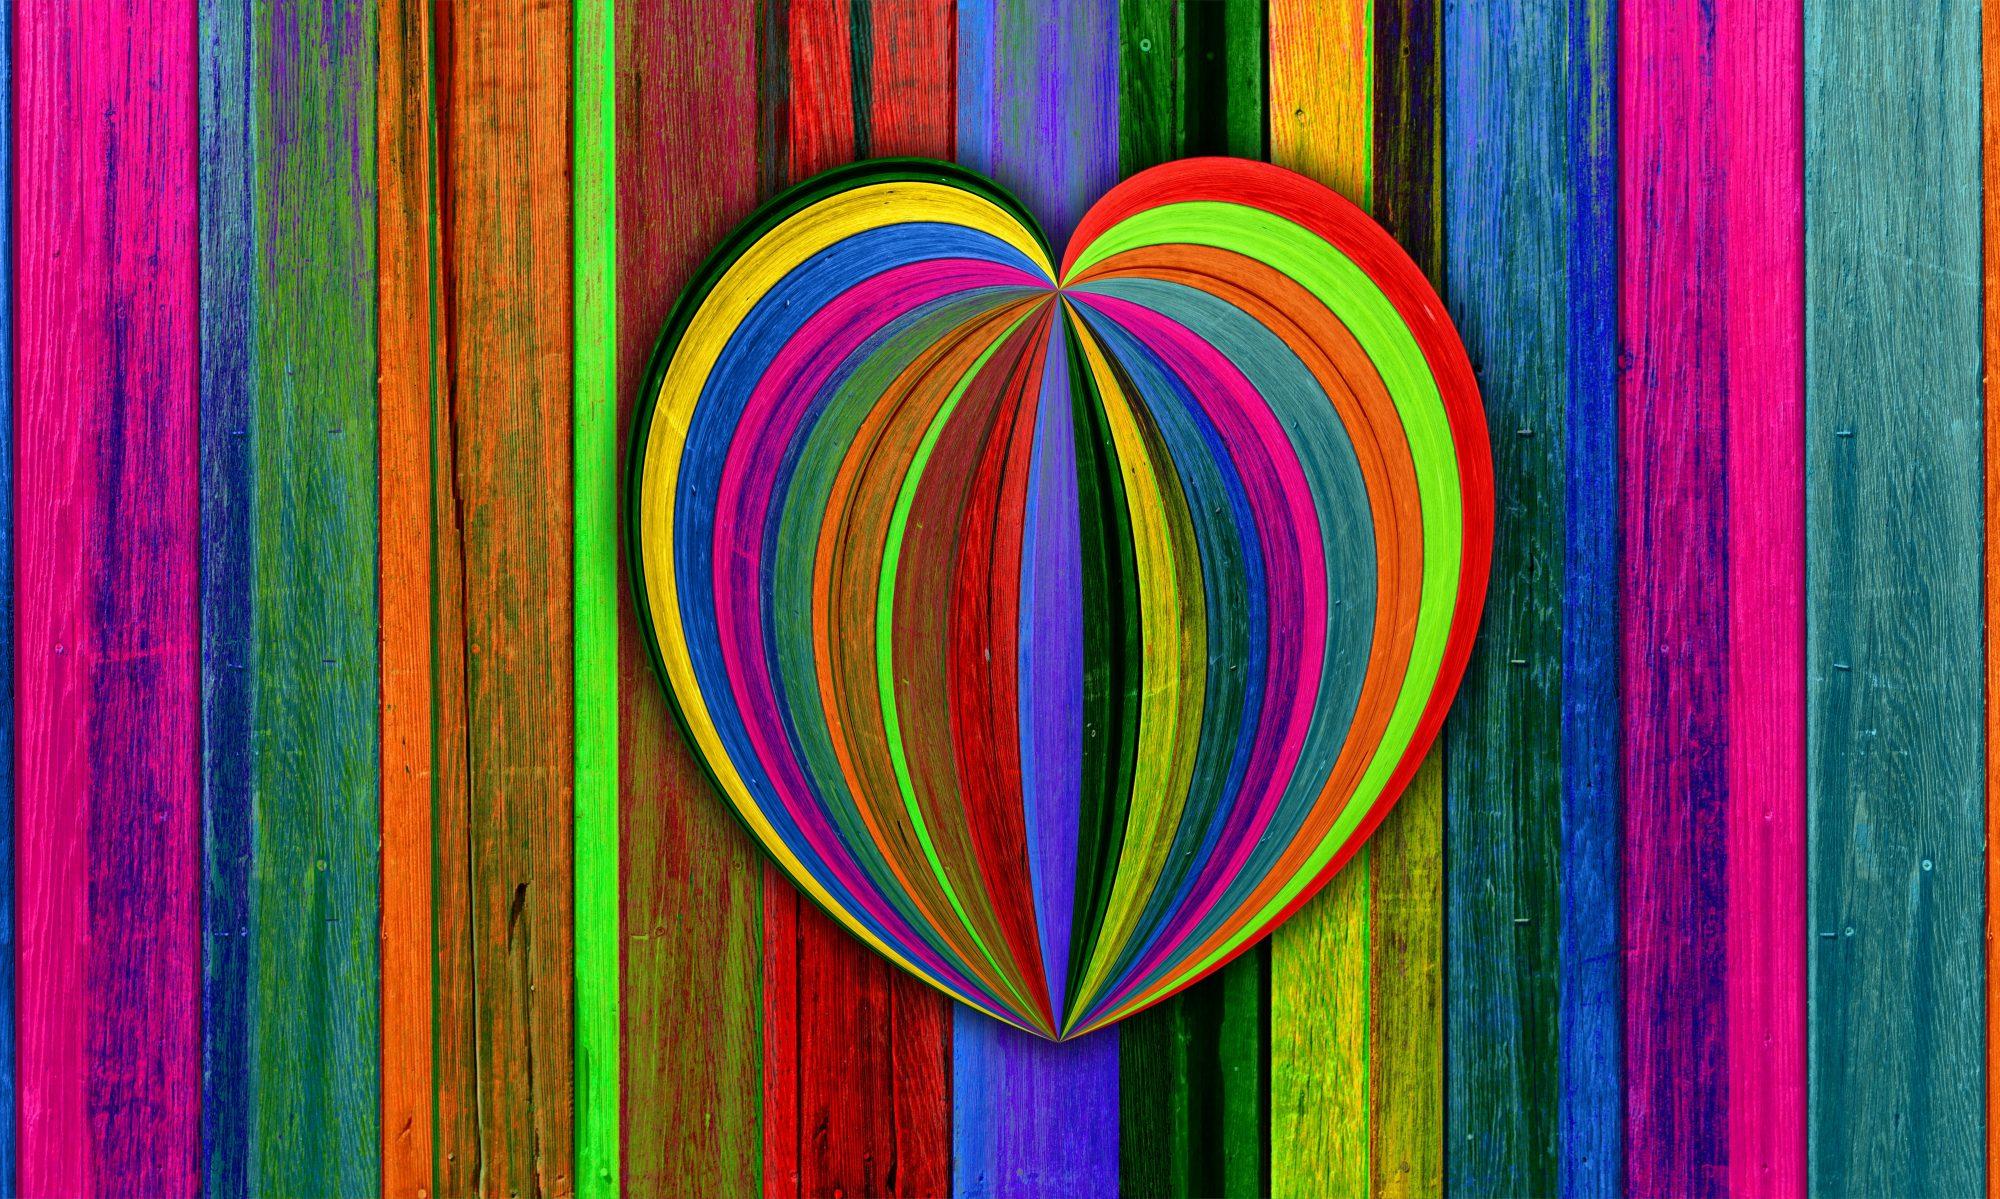 Love 2 share